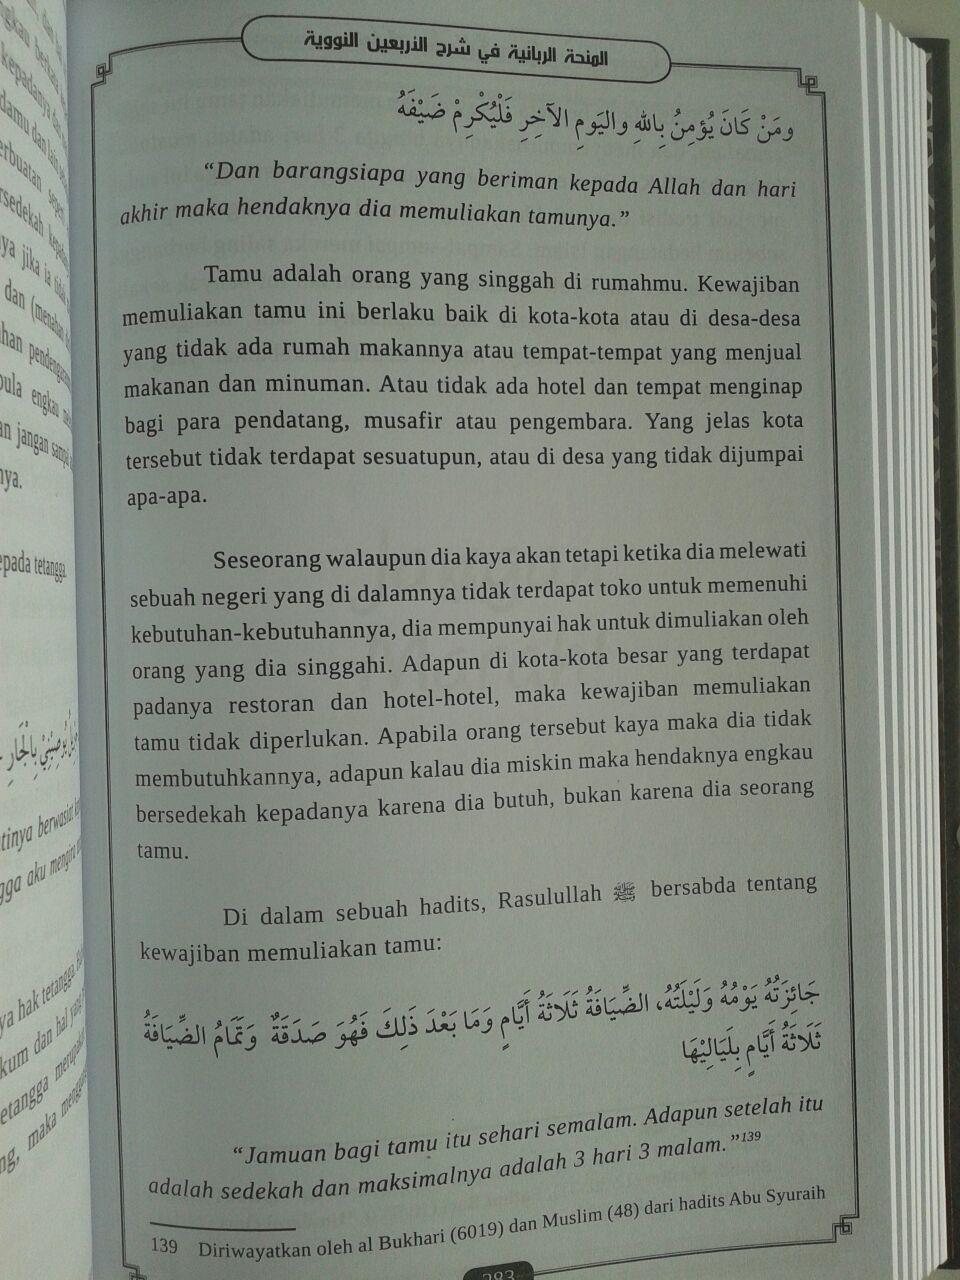 Buku Syarah Arbain An-Nawawiyah Mendulang Faedah Ilmiyah isi